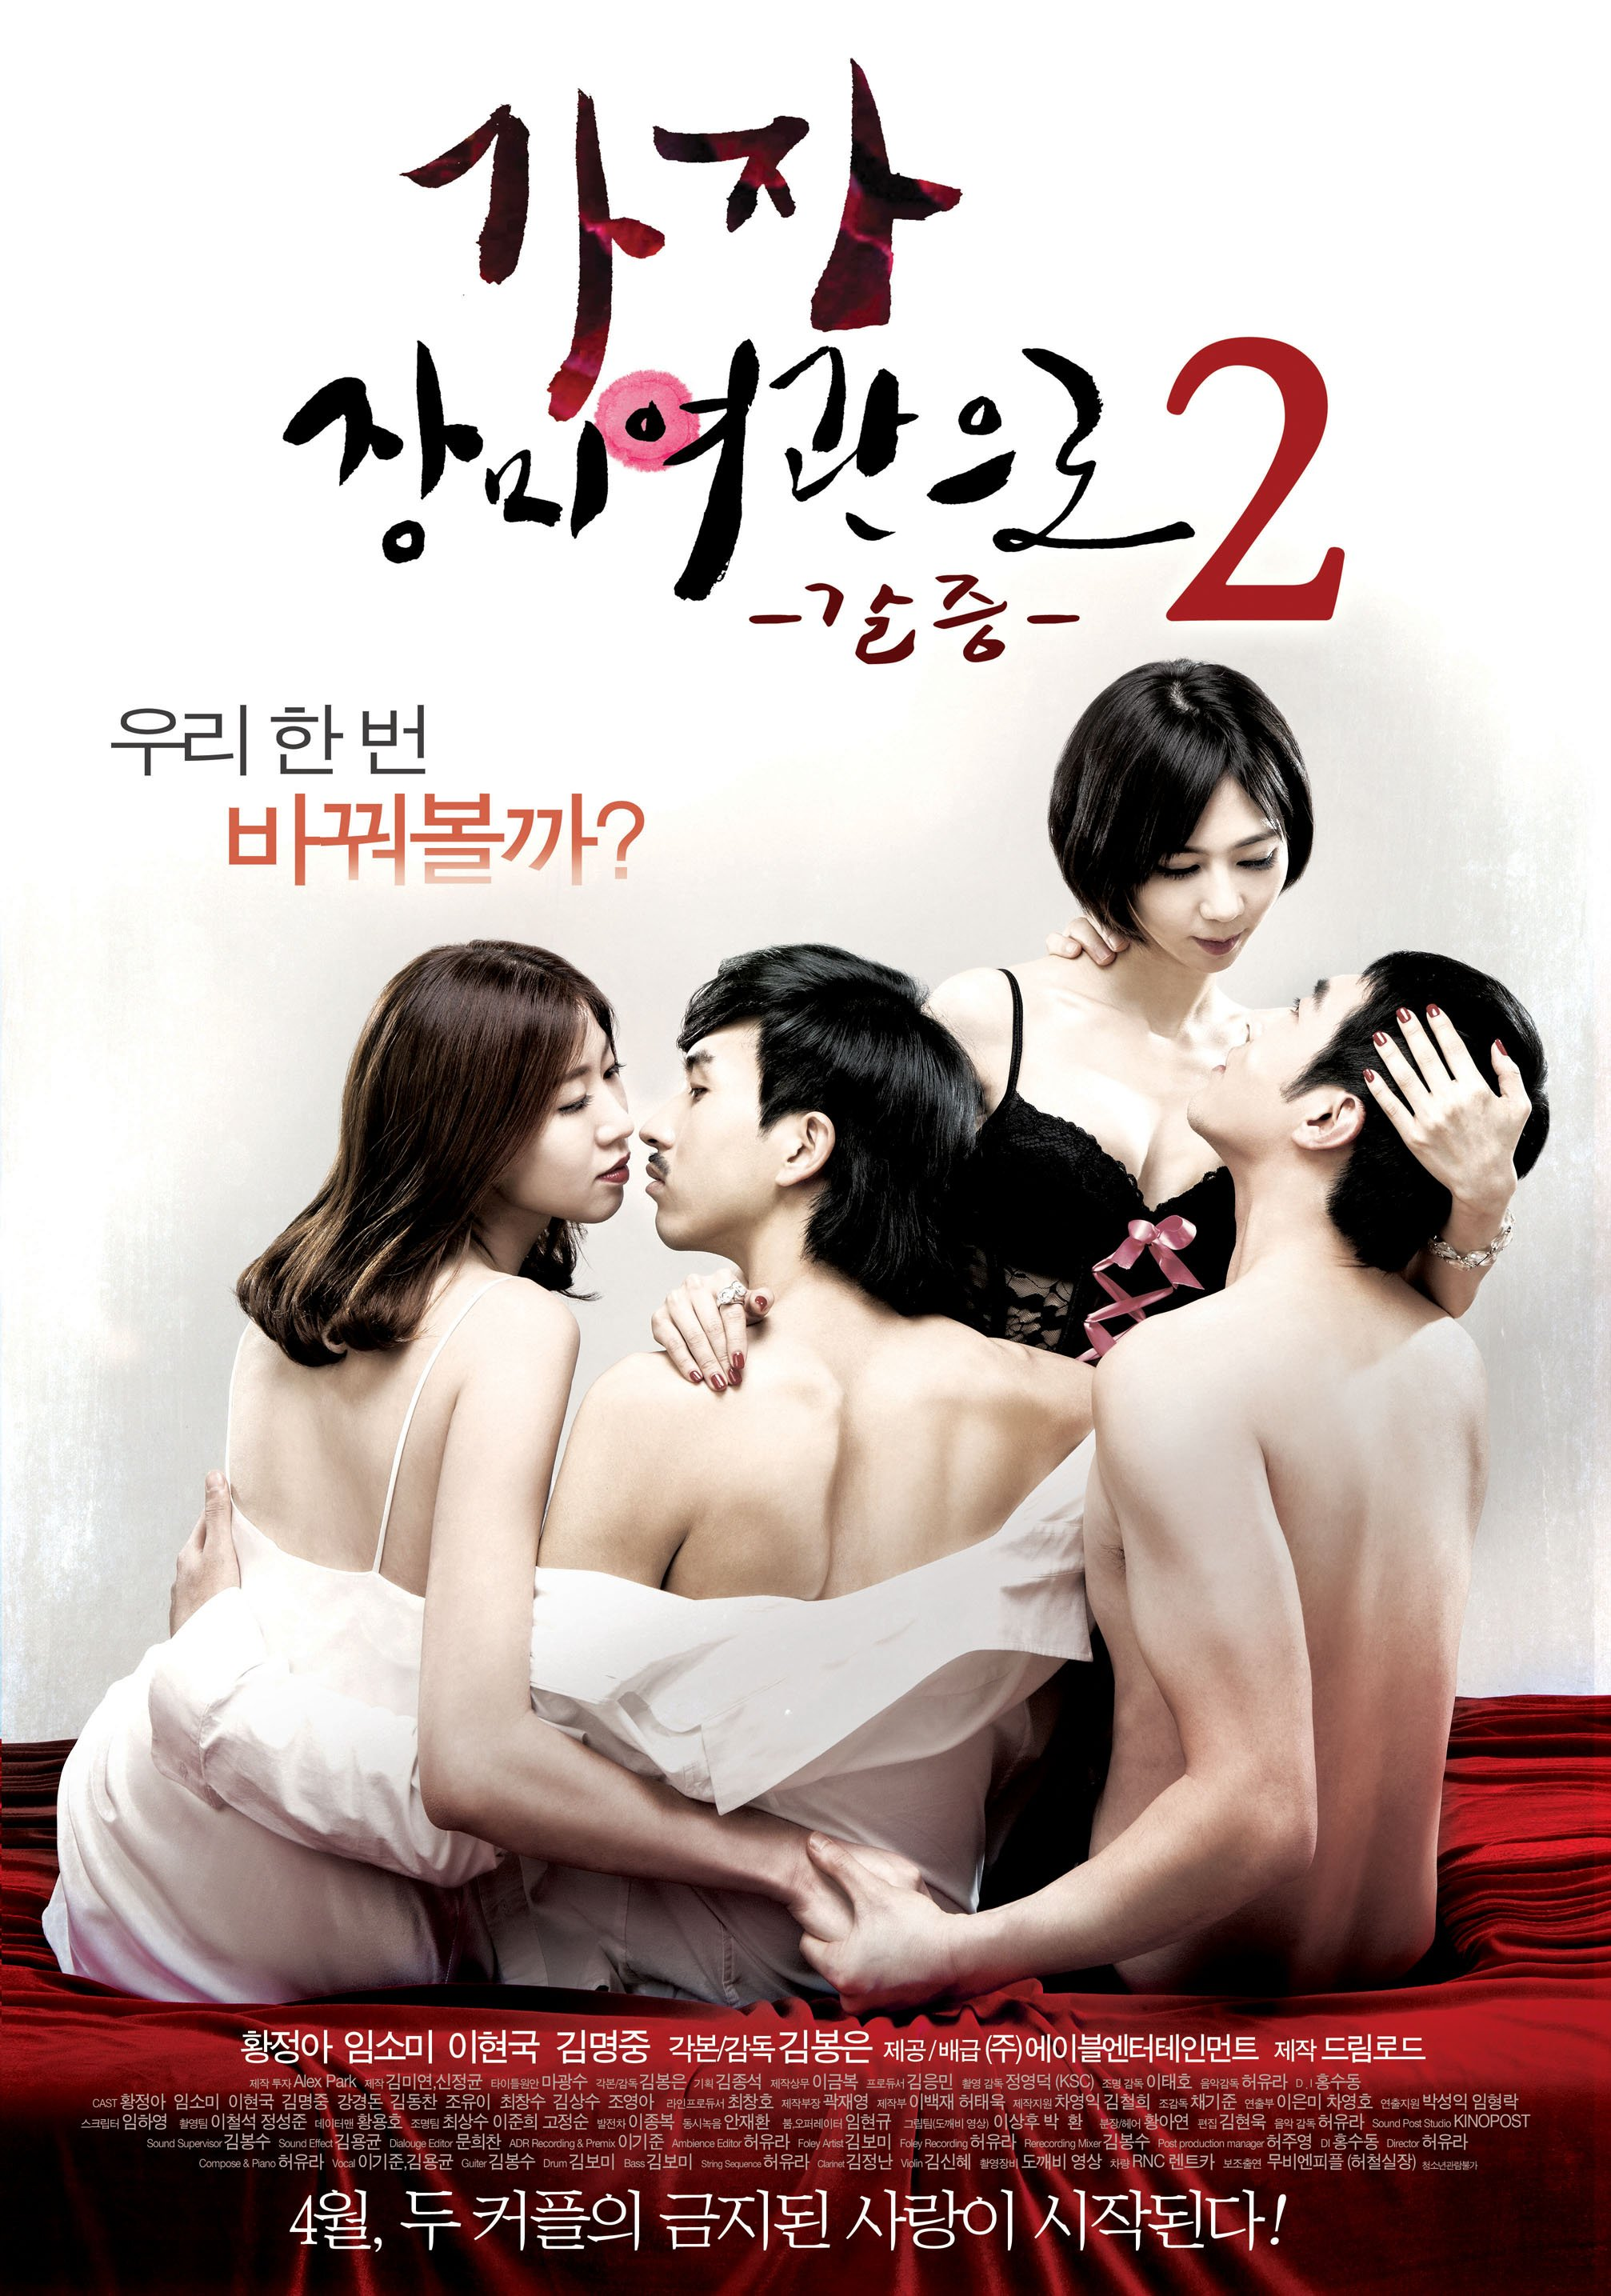 эротические корейские дорамы